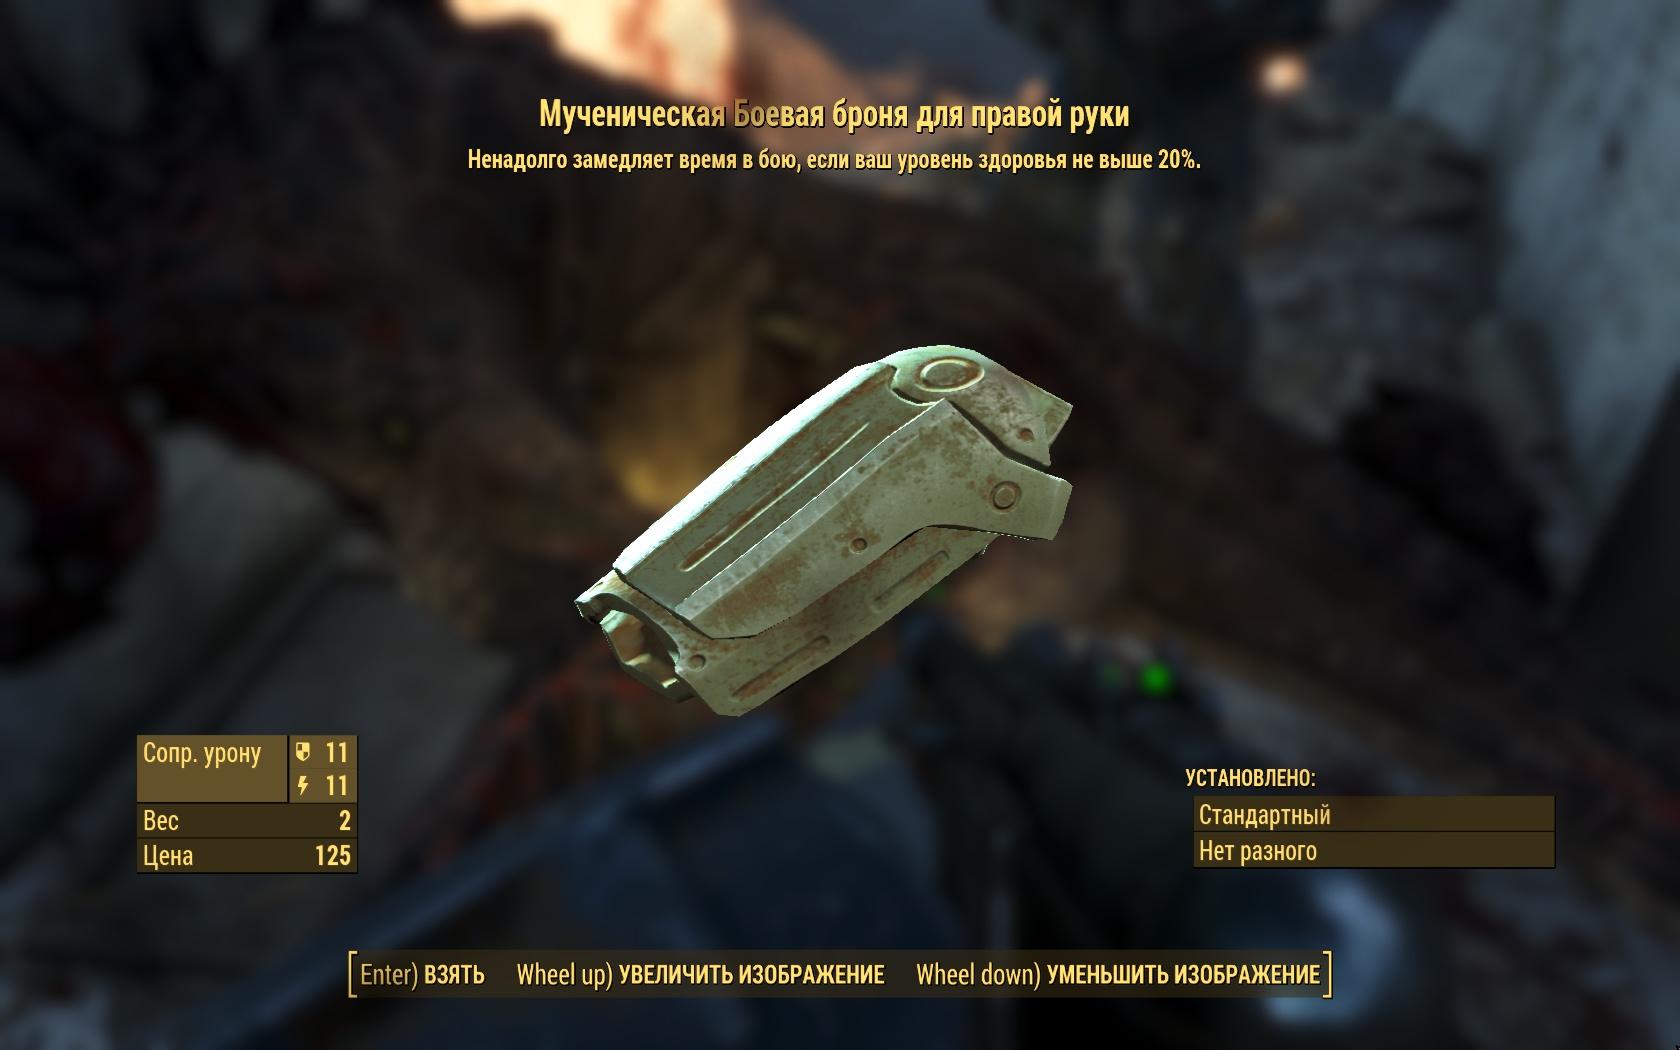 Мученическая боевая броня для правой руки - Fallout 4 броня, Мученическая, Одежда